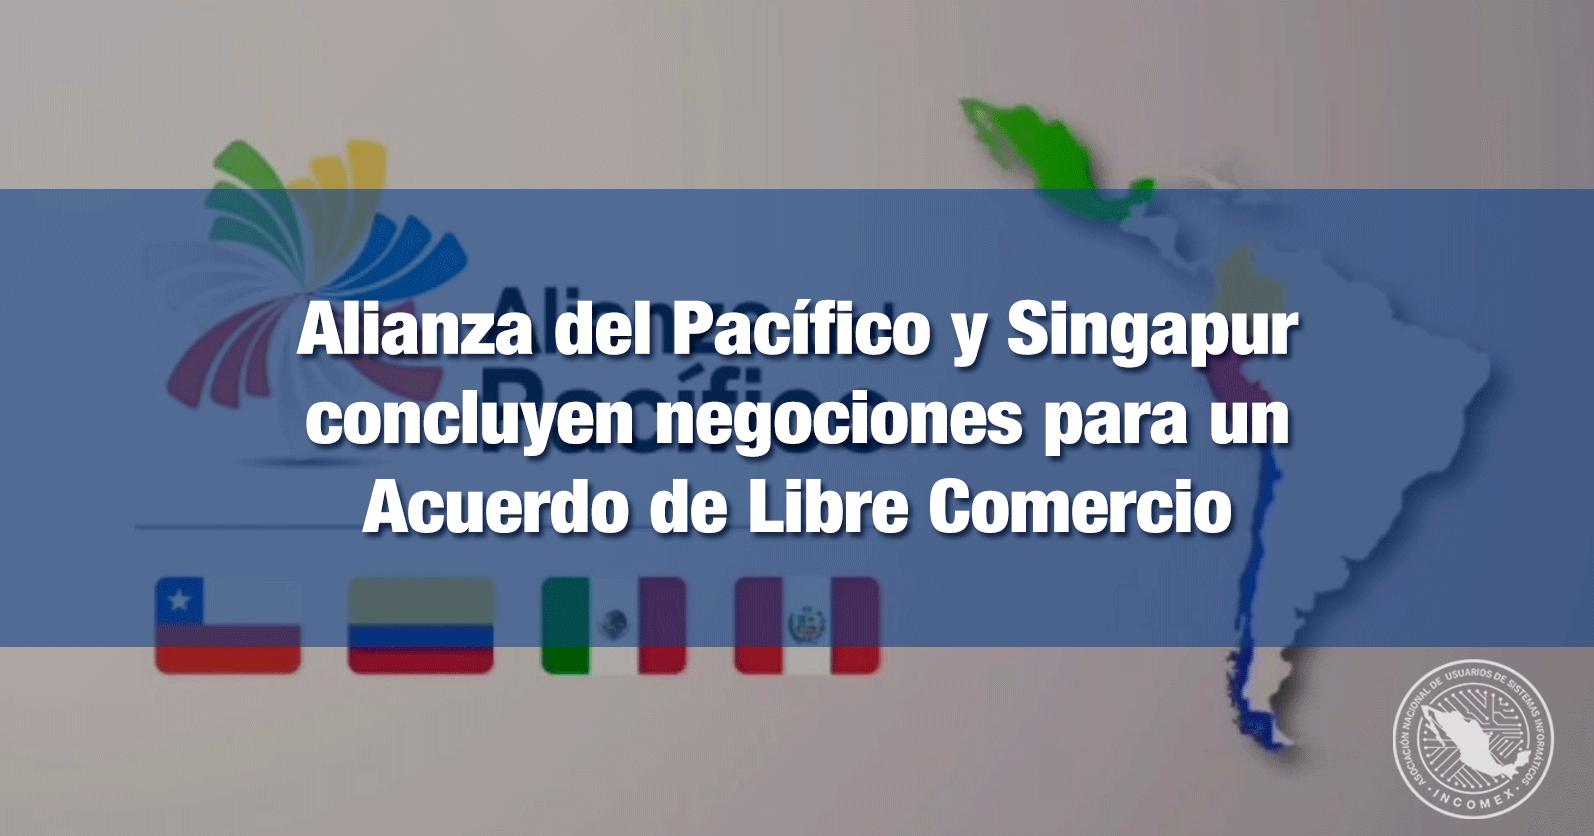 Alianza del Pacífico y Singapur concluyen negociones para un Acuerdo de Libre Comercio